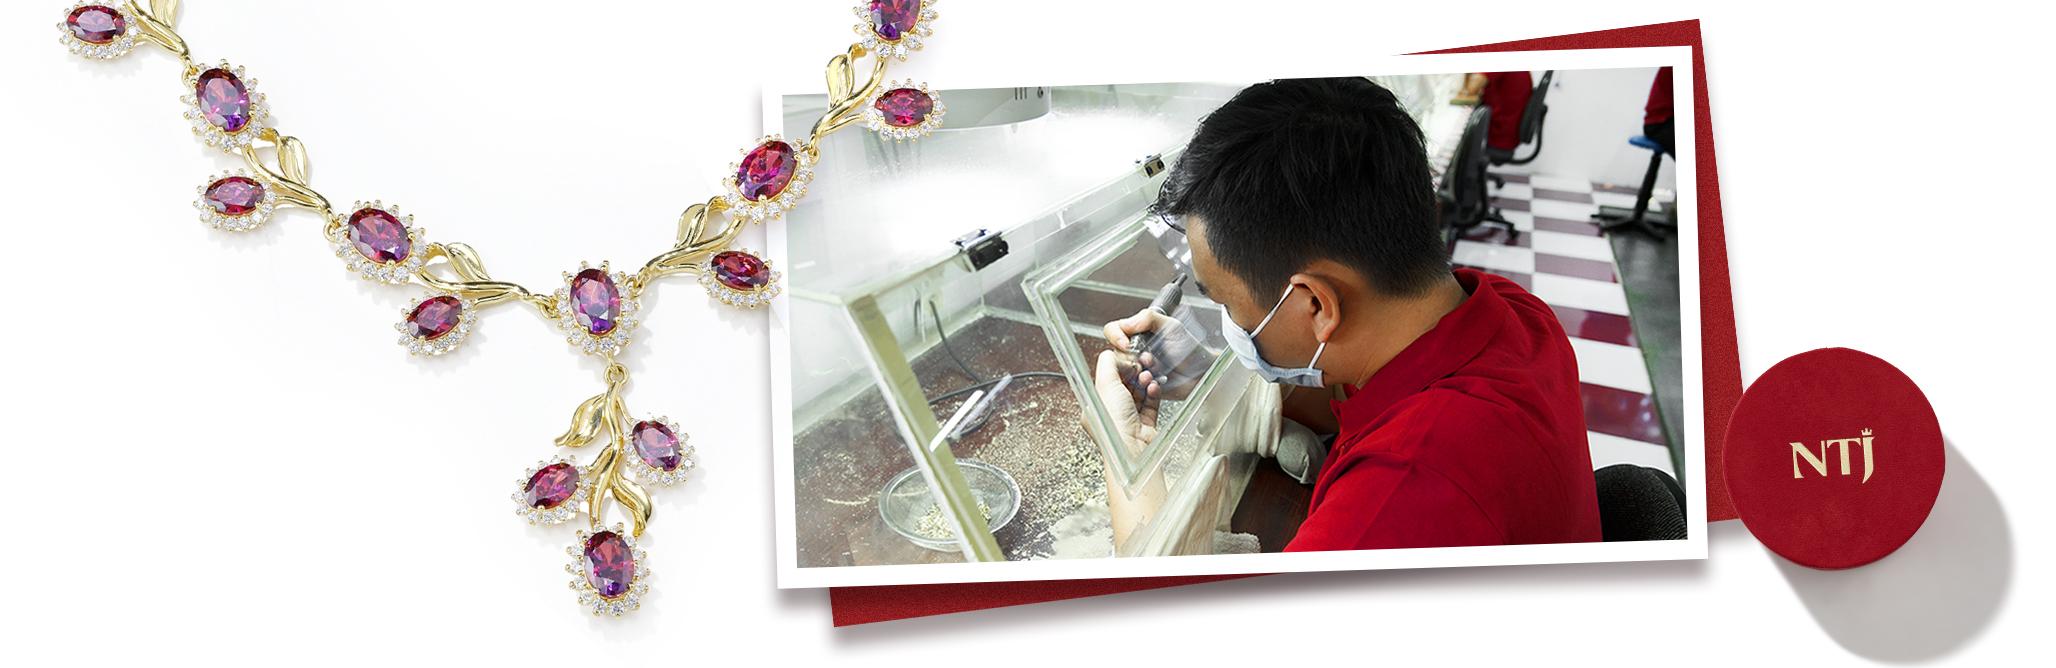 Làm sạch trang sức tại cửa hàng NTJ